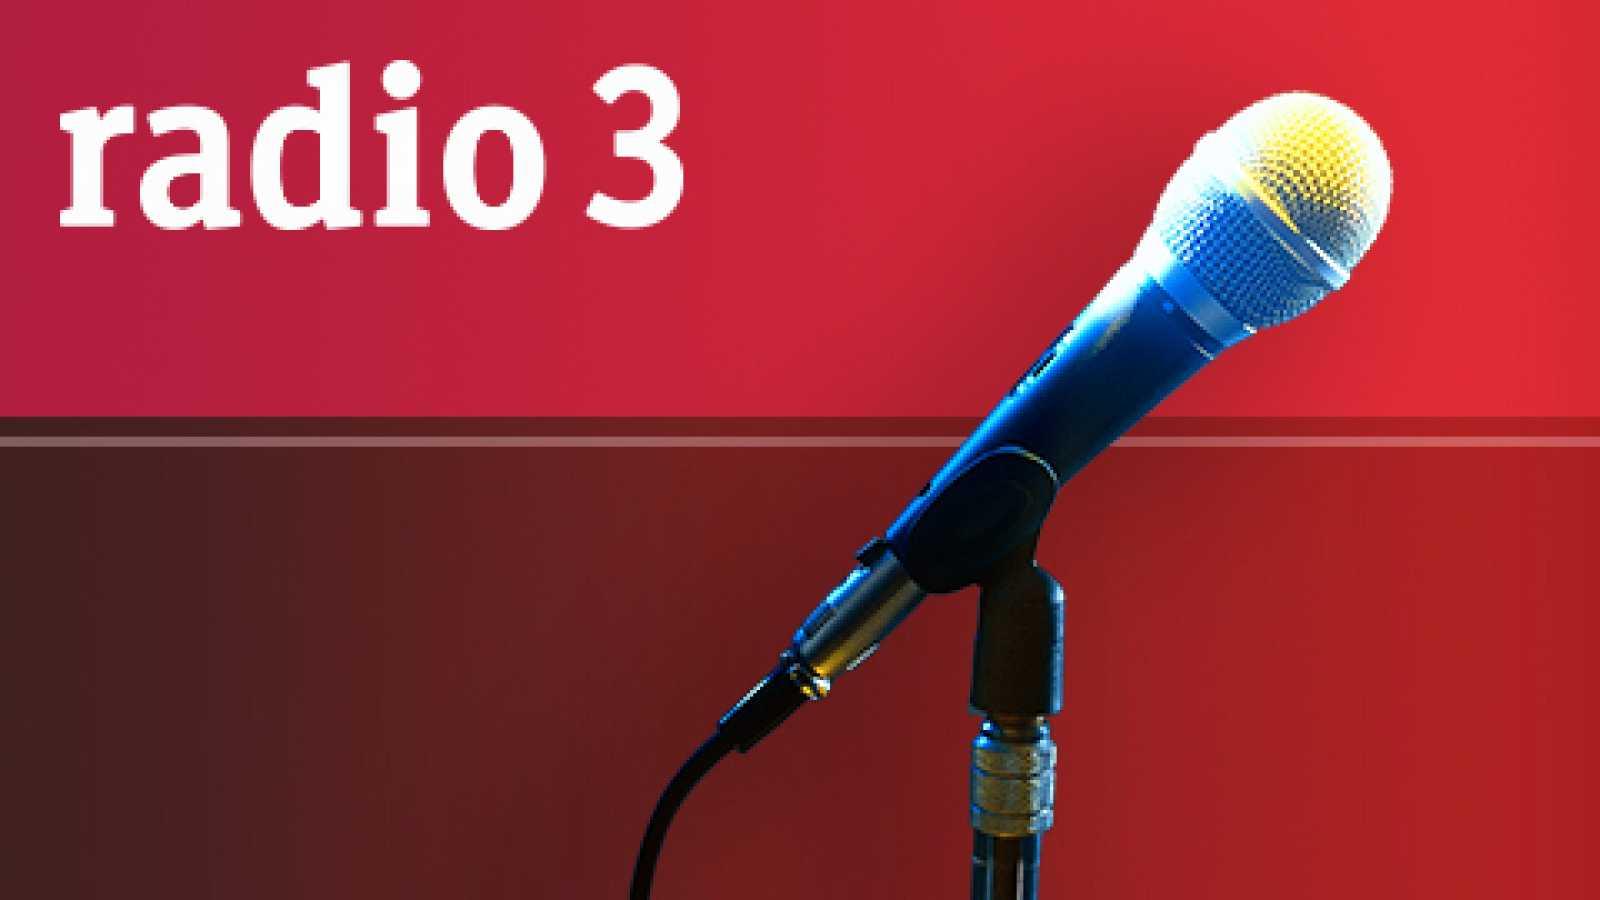 Los conciertos de Radio 3 - Dorian - 07/05/13 - escuchar ahora